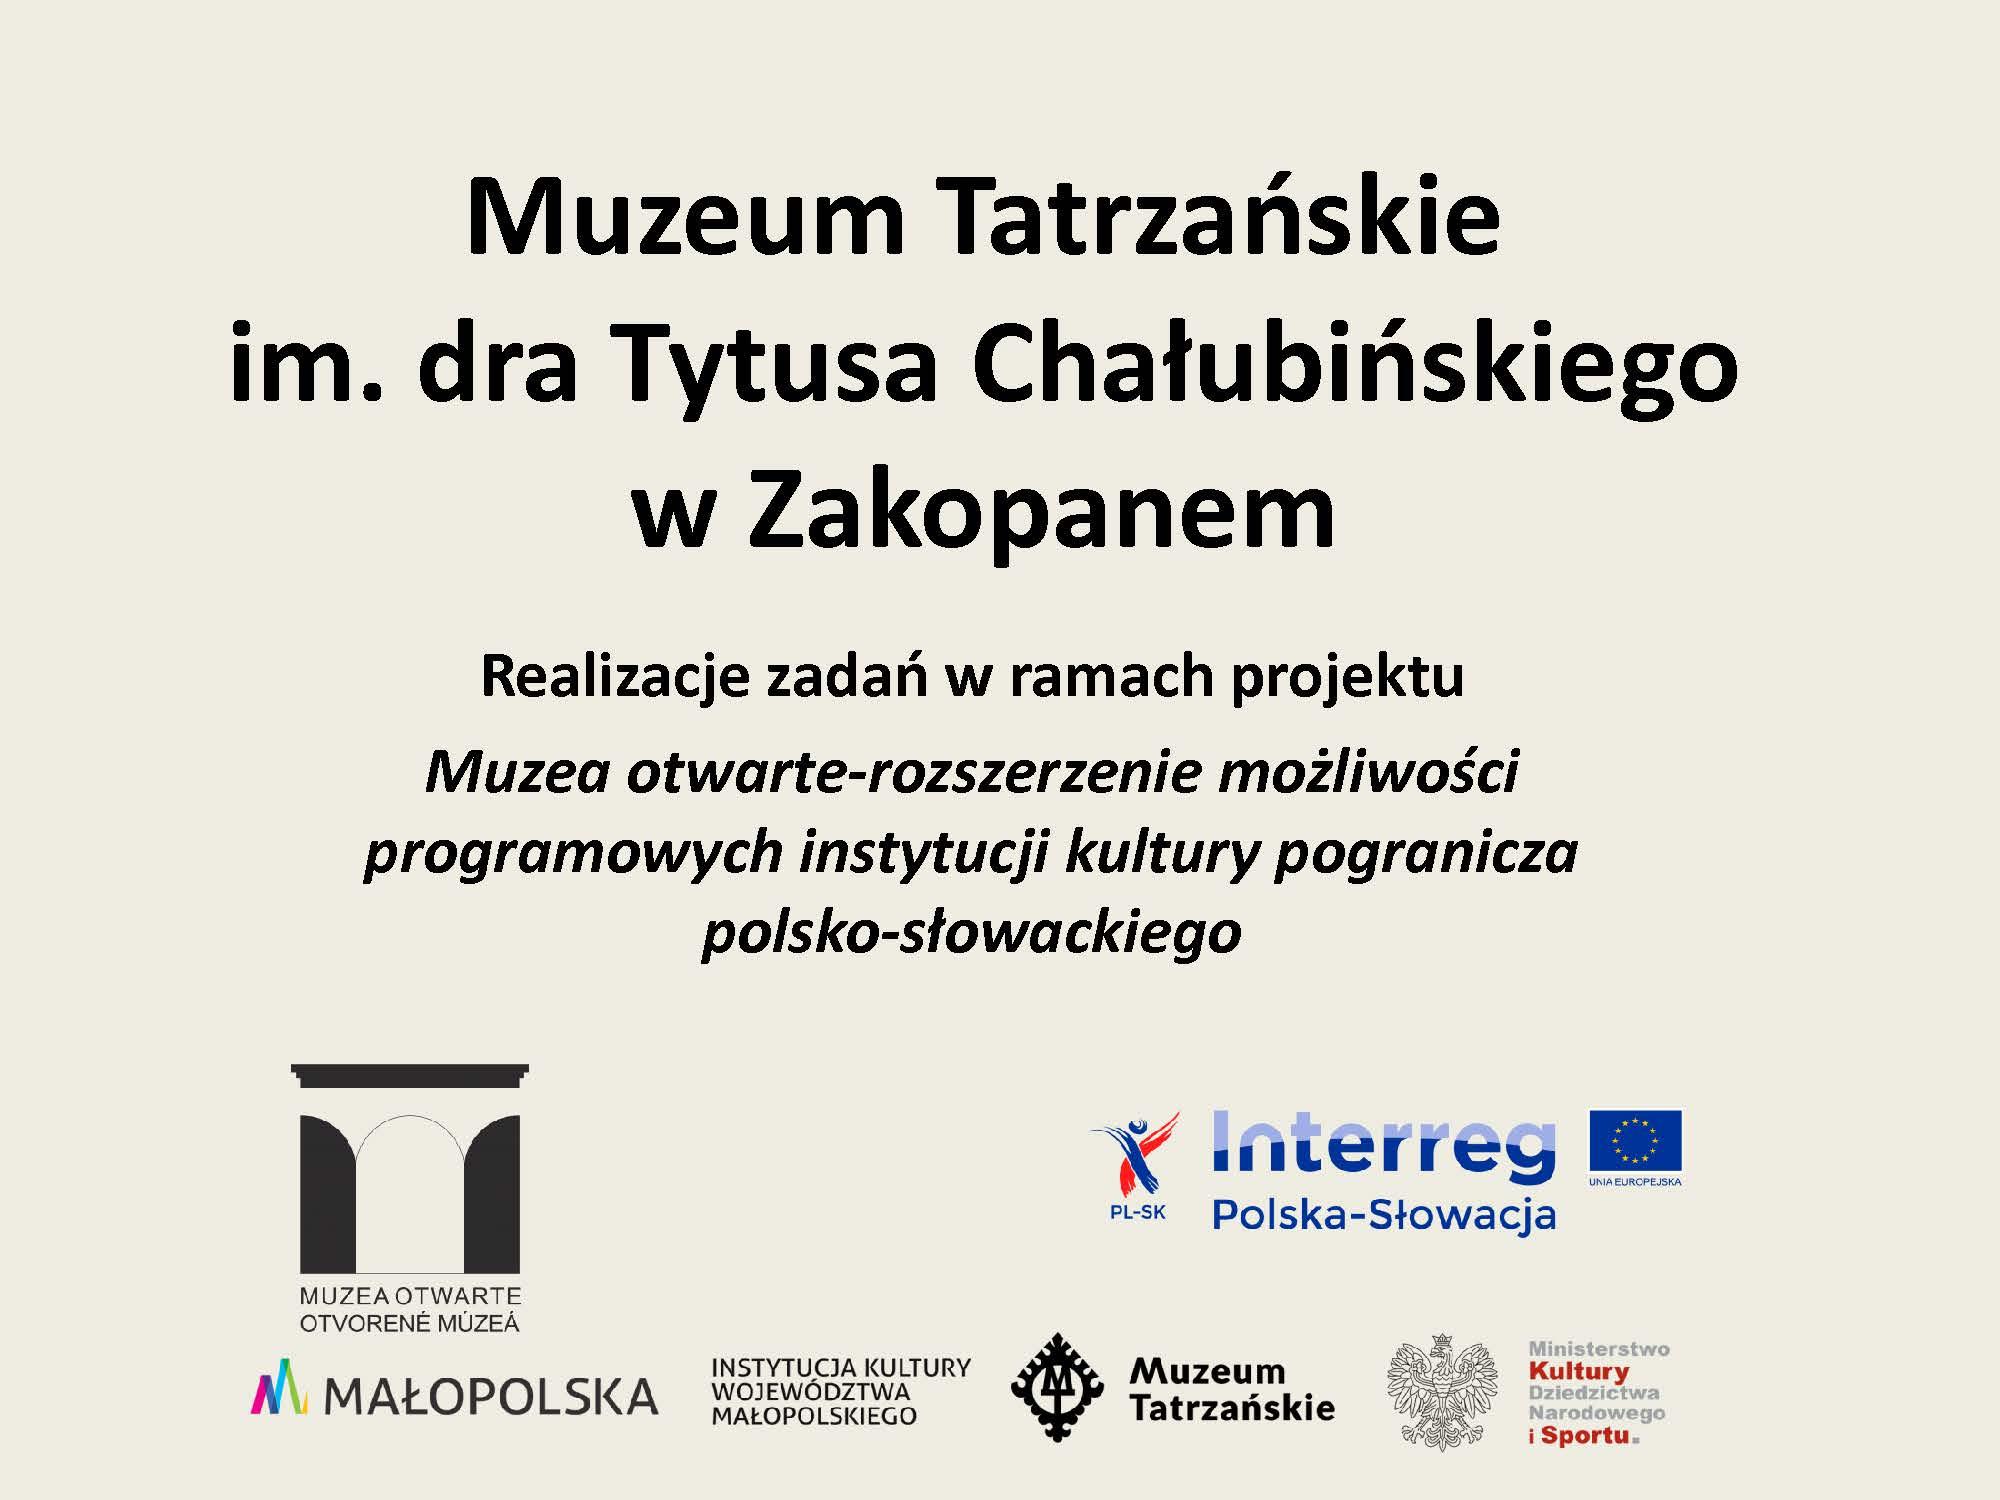 Prezentacja Muzeum Tatrzańskie